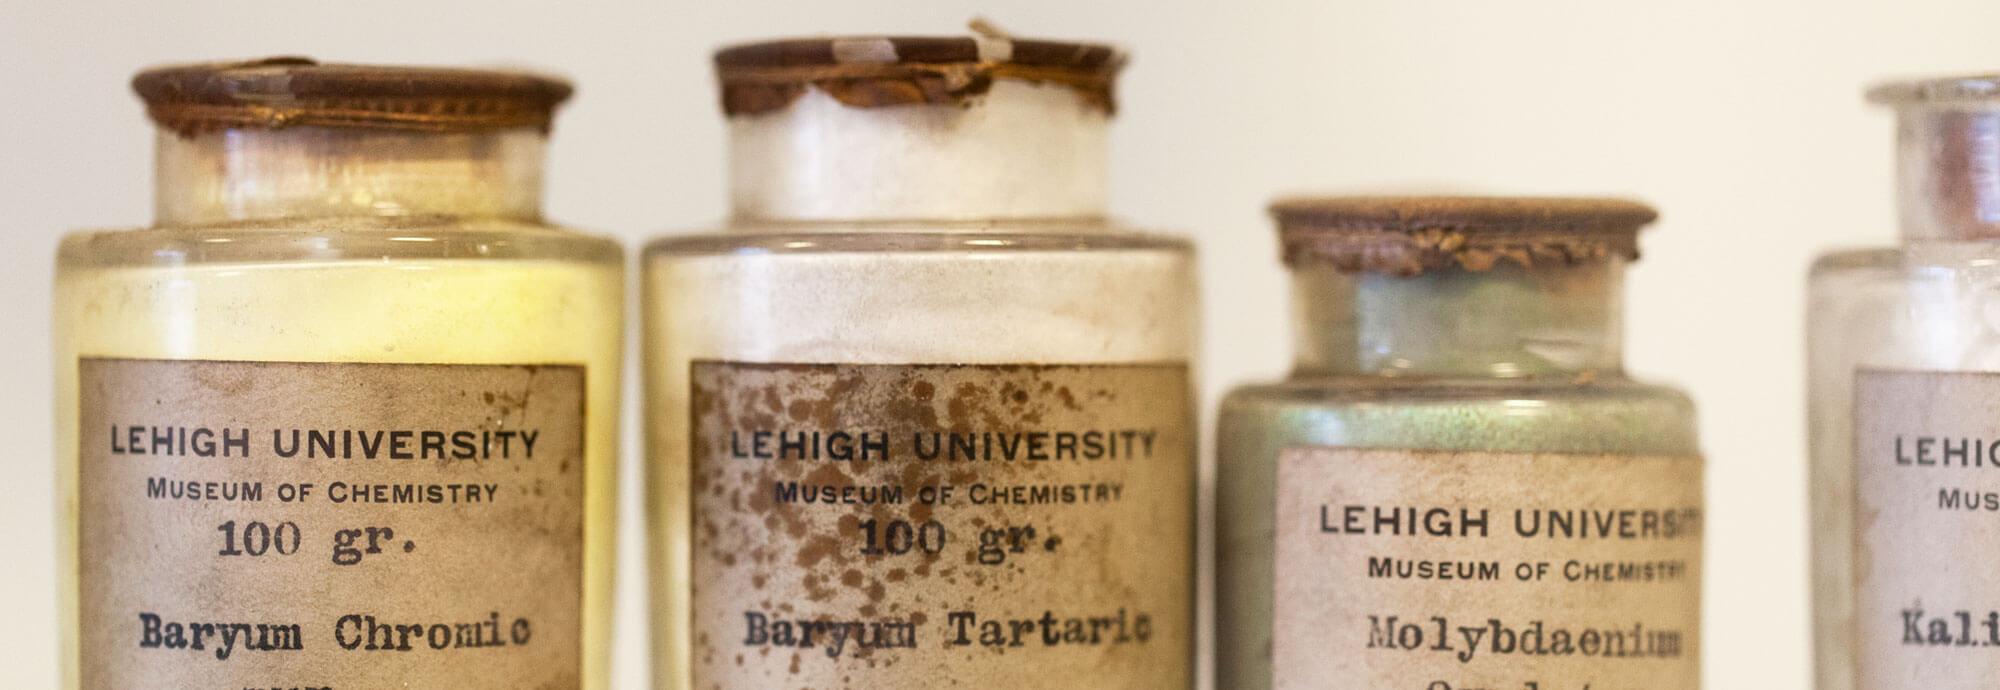 Lehigh Museum of Chemistry bottles